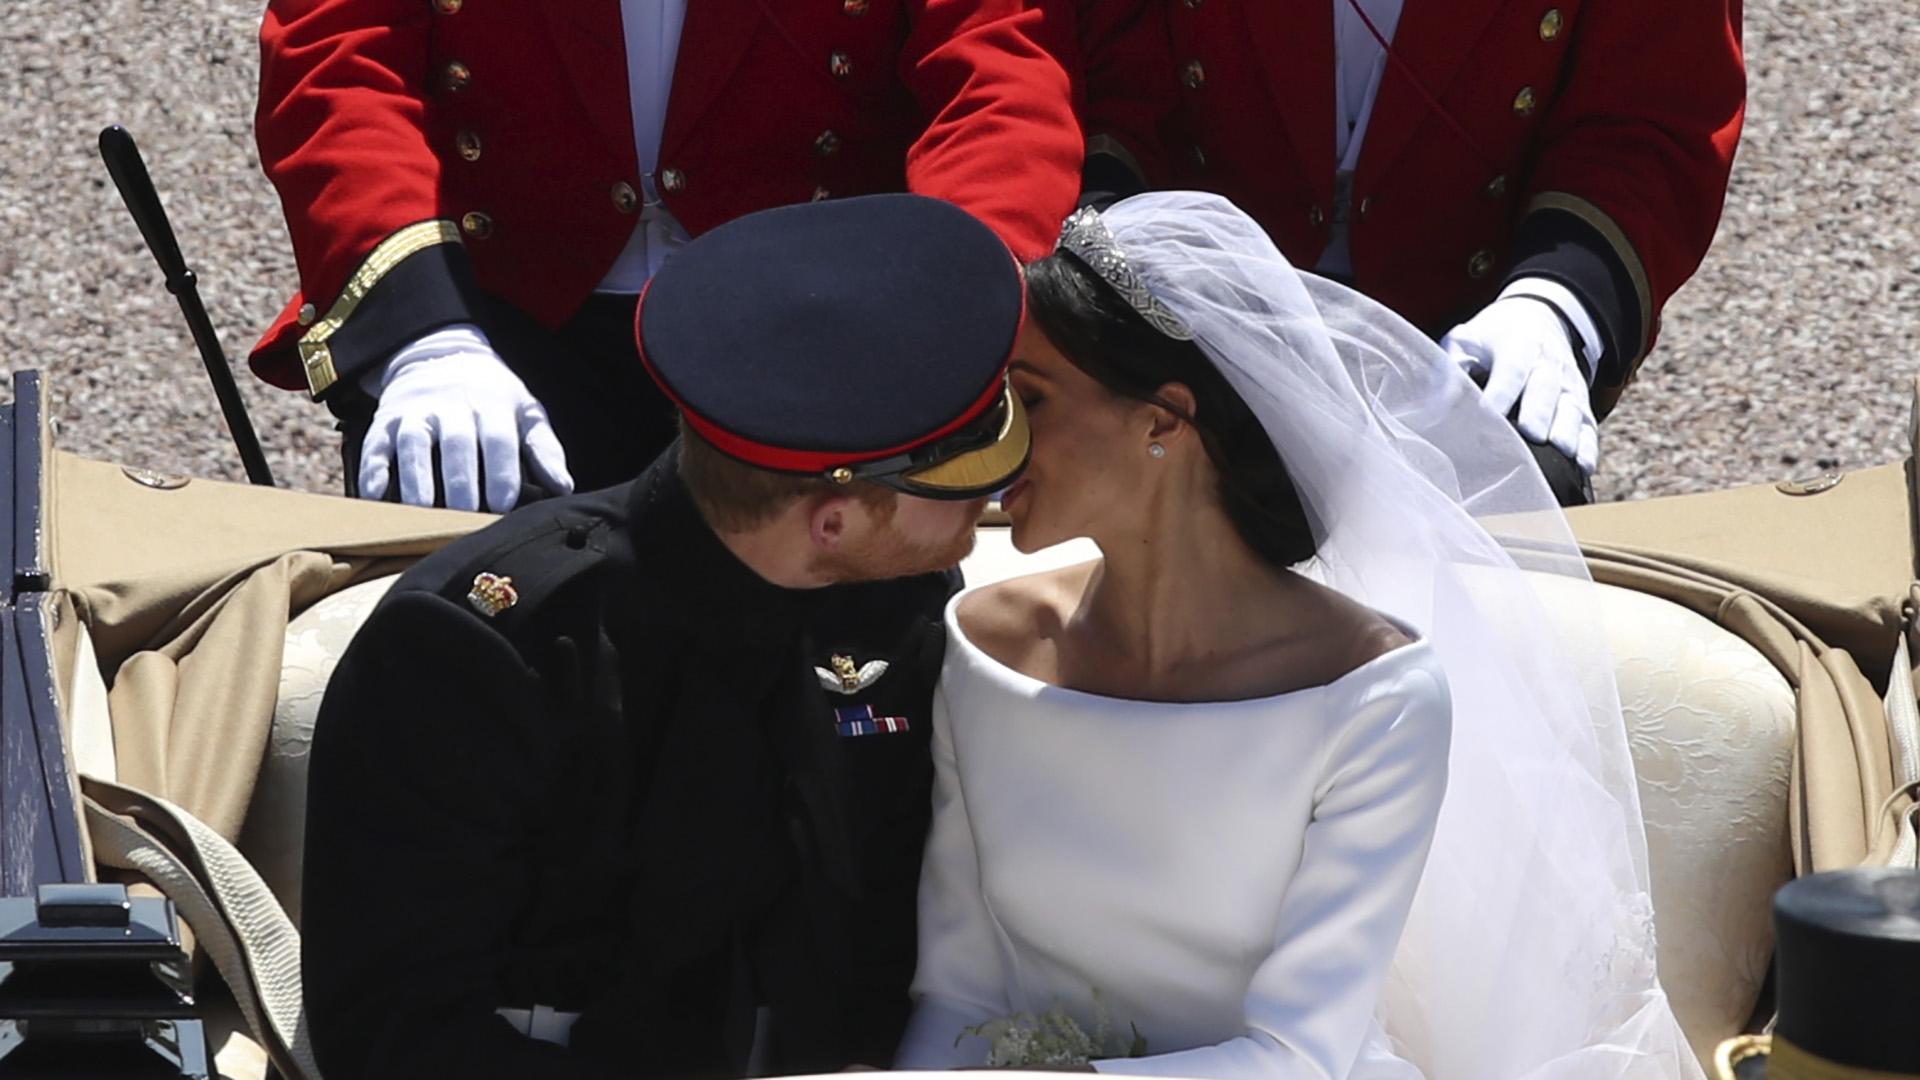 A los besos en el carruaje real, Harry y Meghan vivieron una historia de amor fulminante (Yui Mok/ AP)